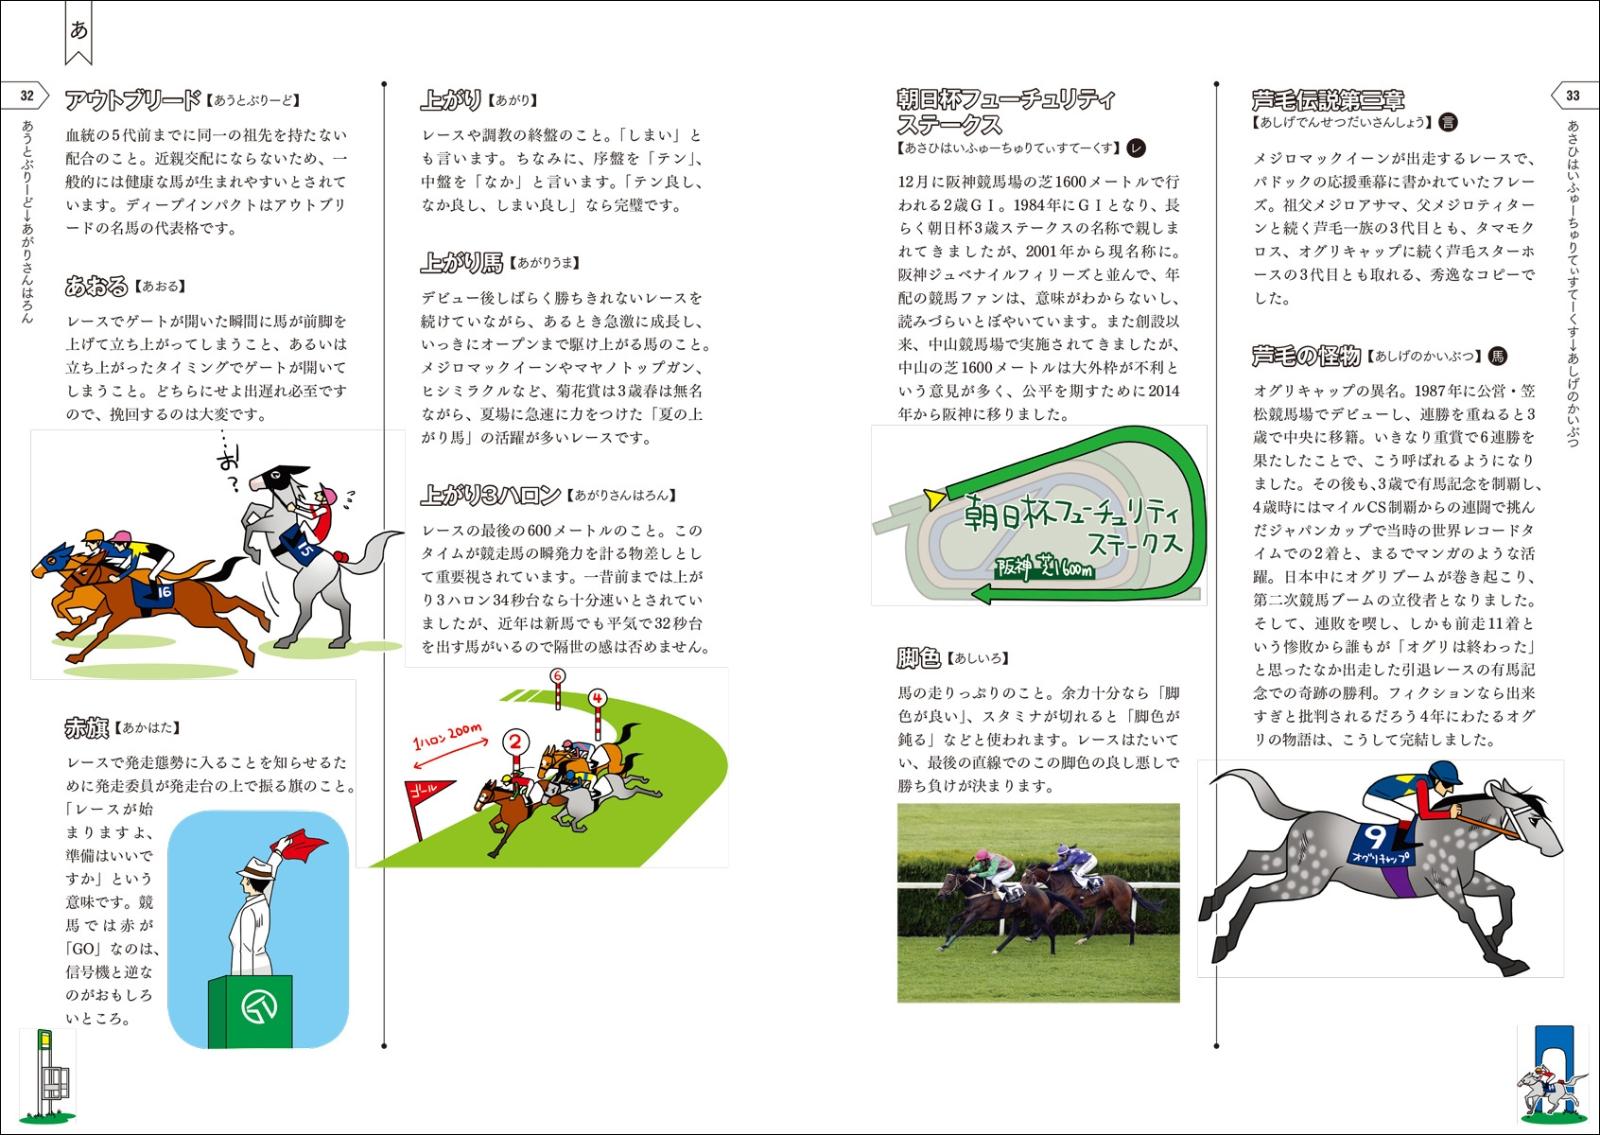 楽天ブックス 競馬語辞典 競馬にまつわる言葉をイラストと豆知識で